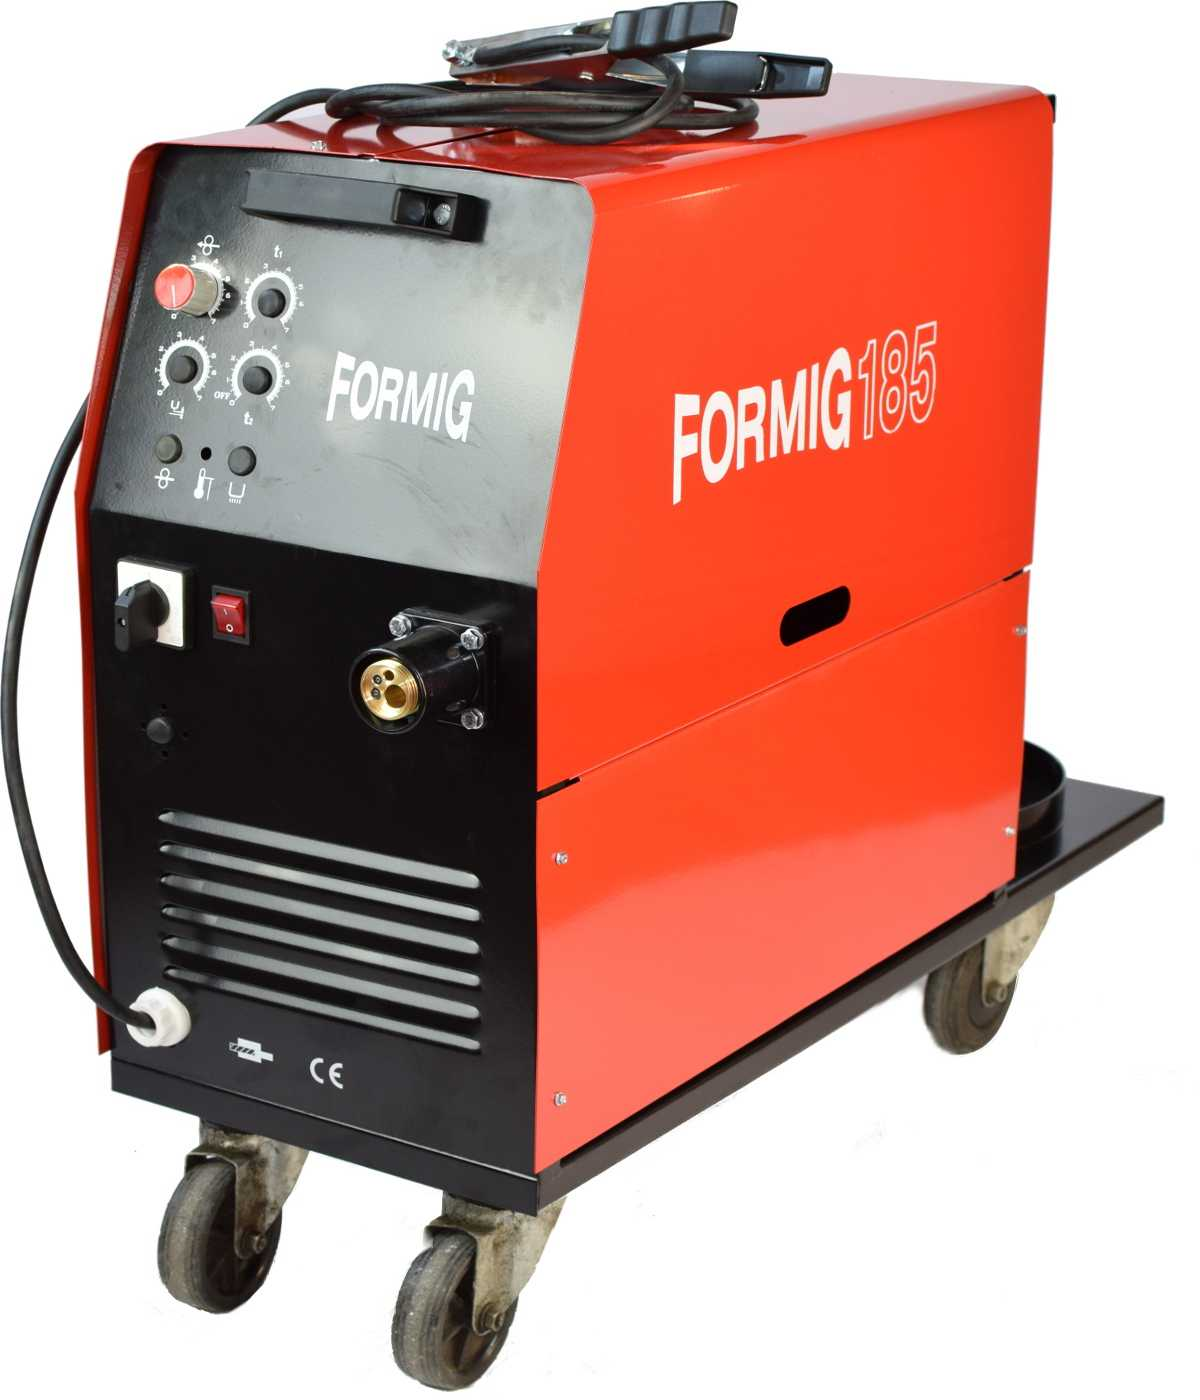 FORMIG 185 CO2 védőgázas transzformátoros hegesztőgép